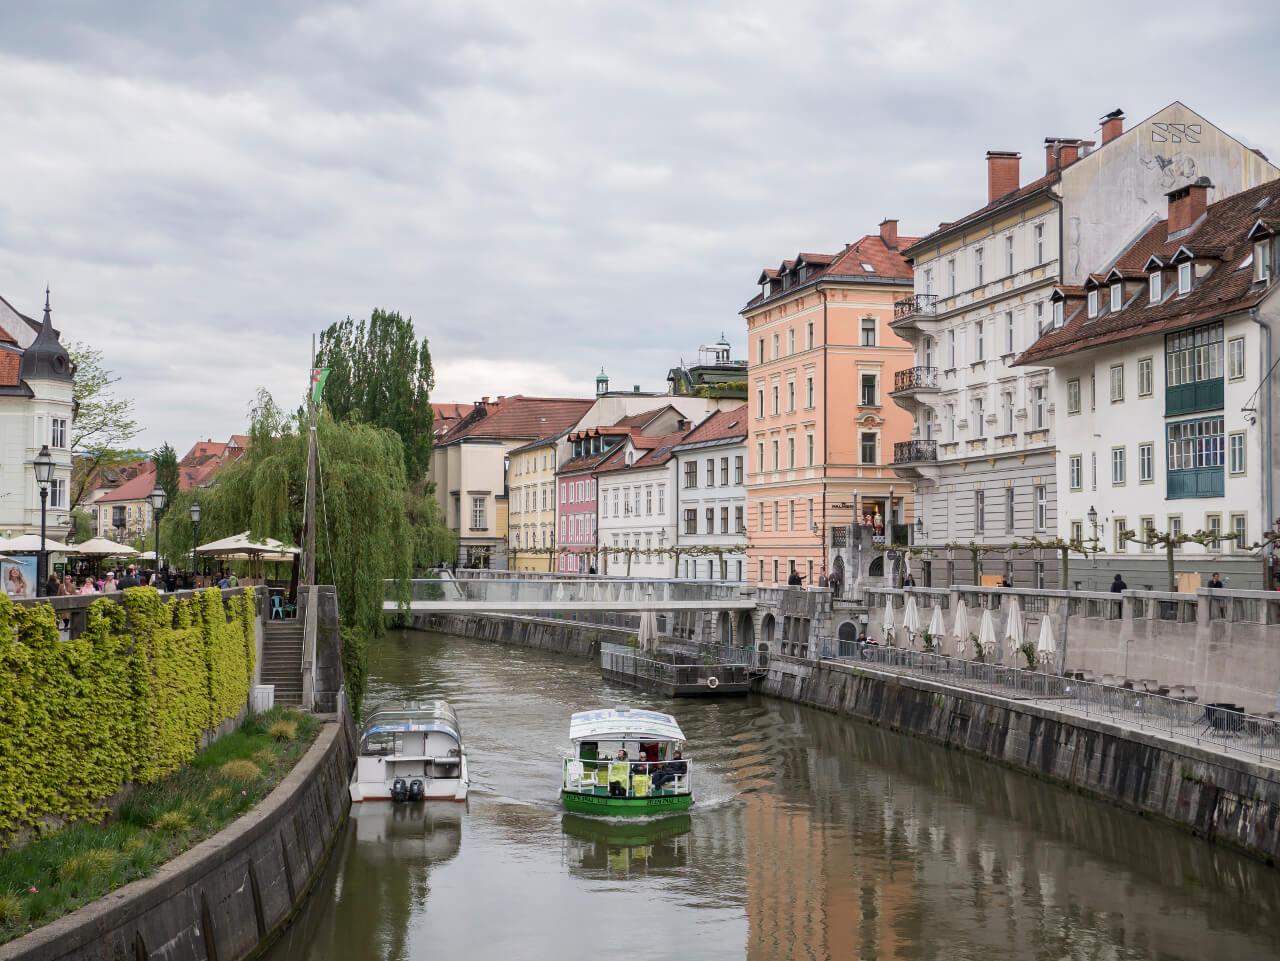 Rzeka Ljubljanica w Lublanie w Słowenii